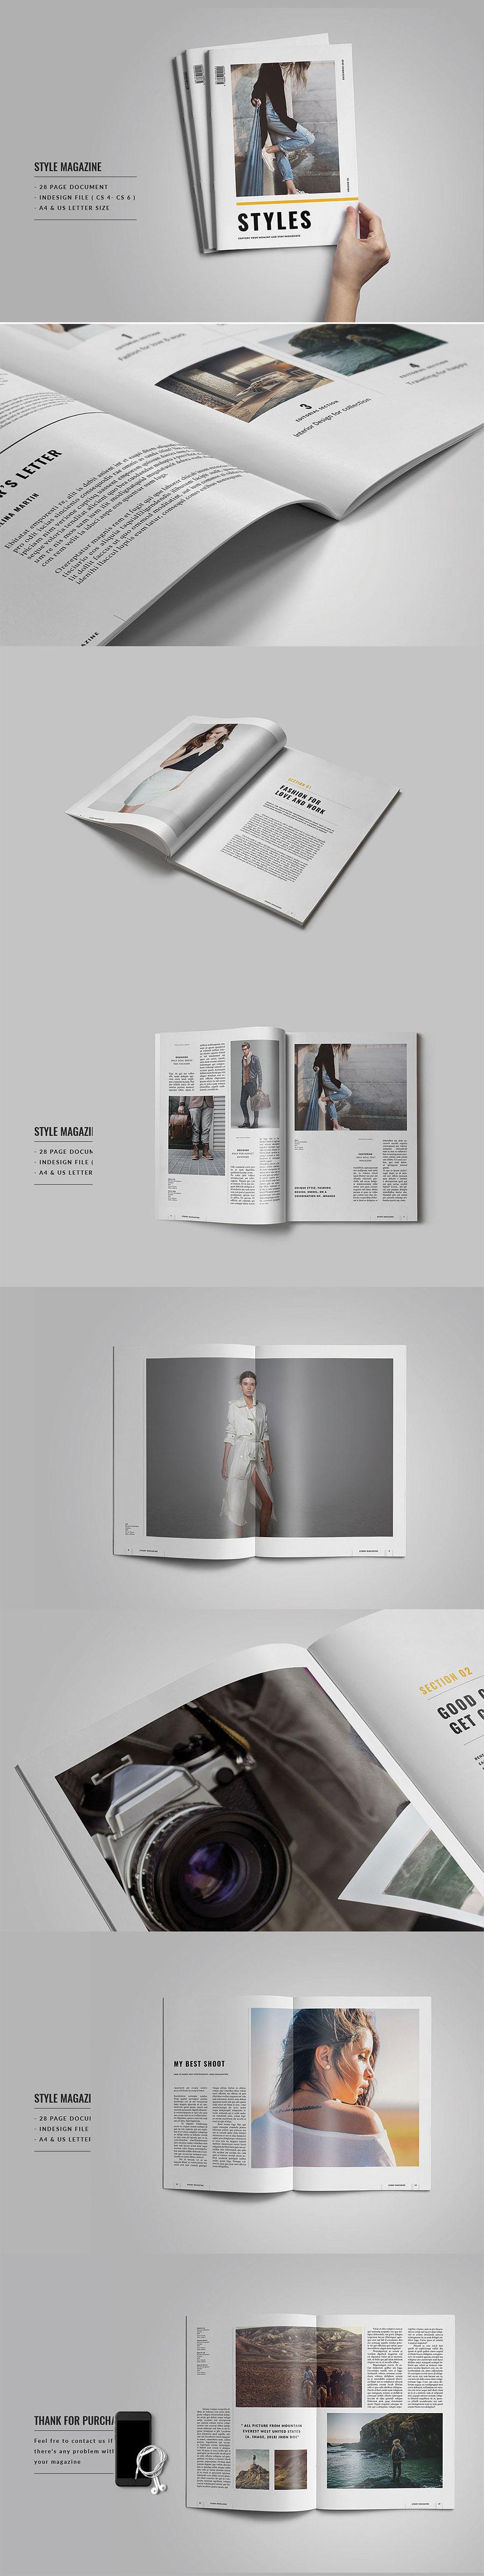 时尚简约的服饰杂志画册模板下载设计素材模板